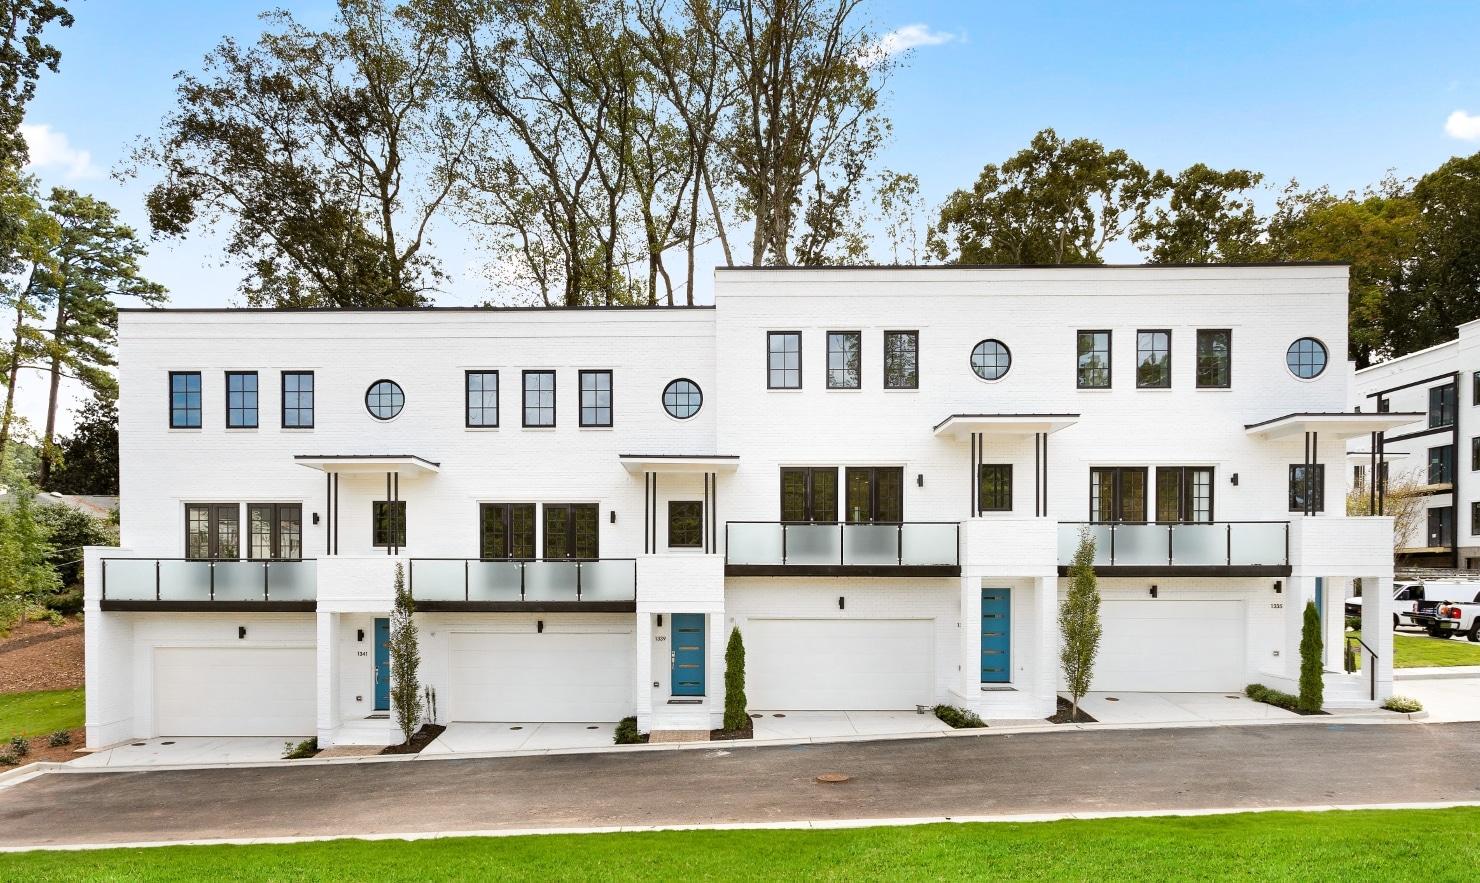 The Sophia - Multi-Family Residential